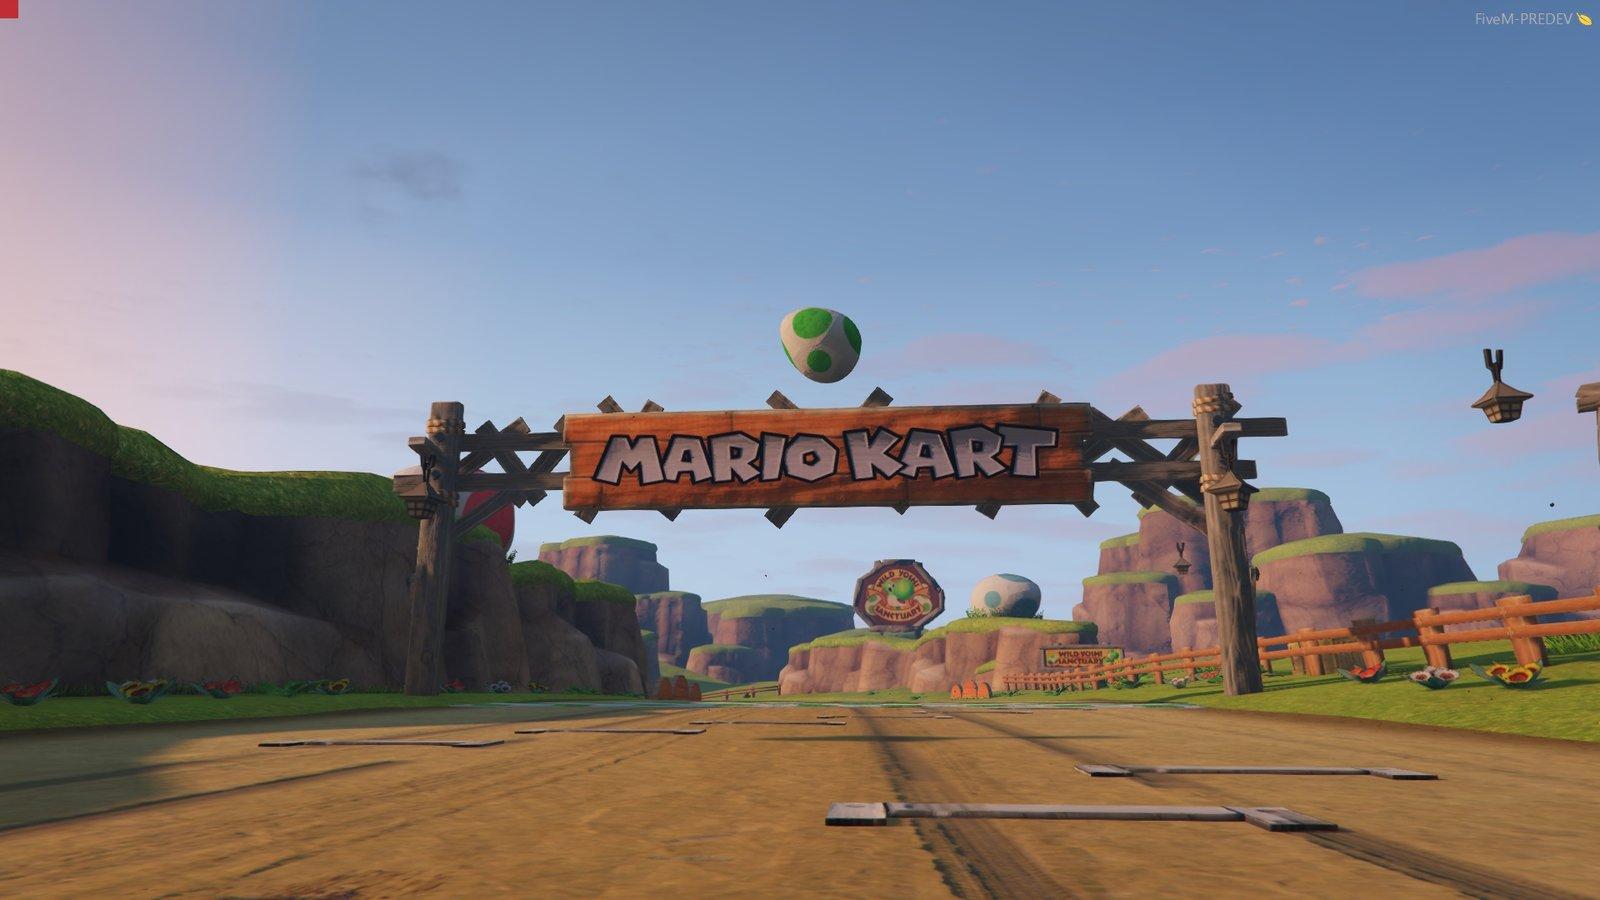 Mario Kart 8 - N64 Yoshi Valley